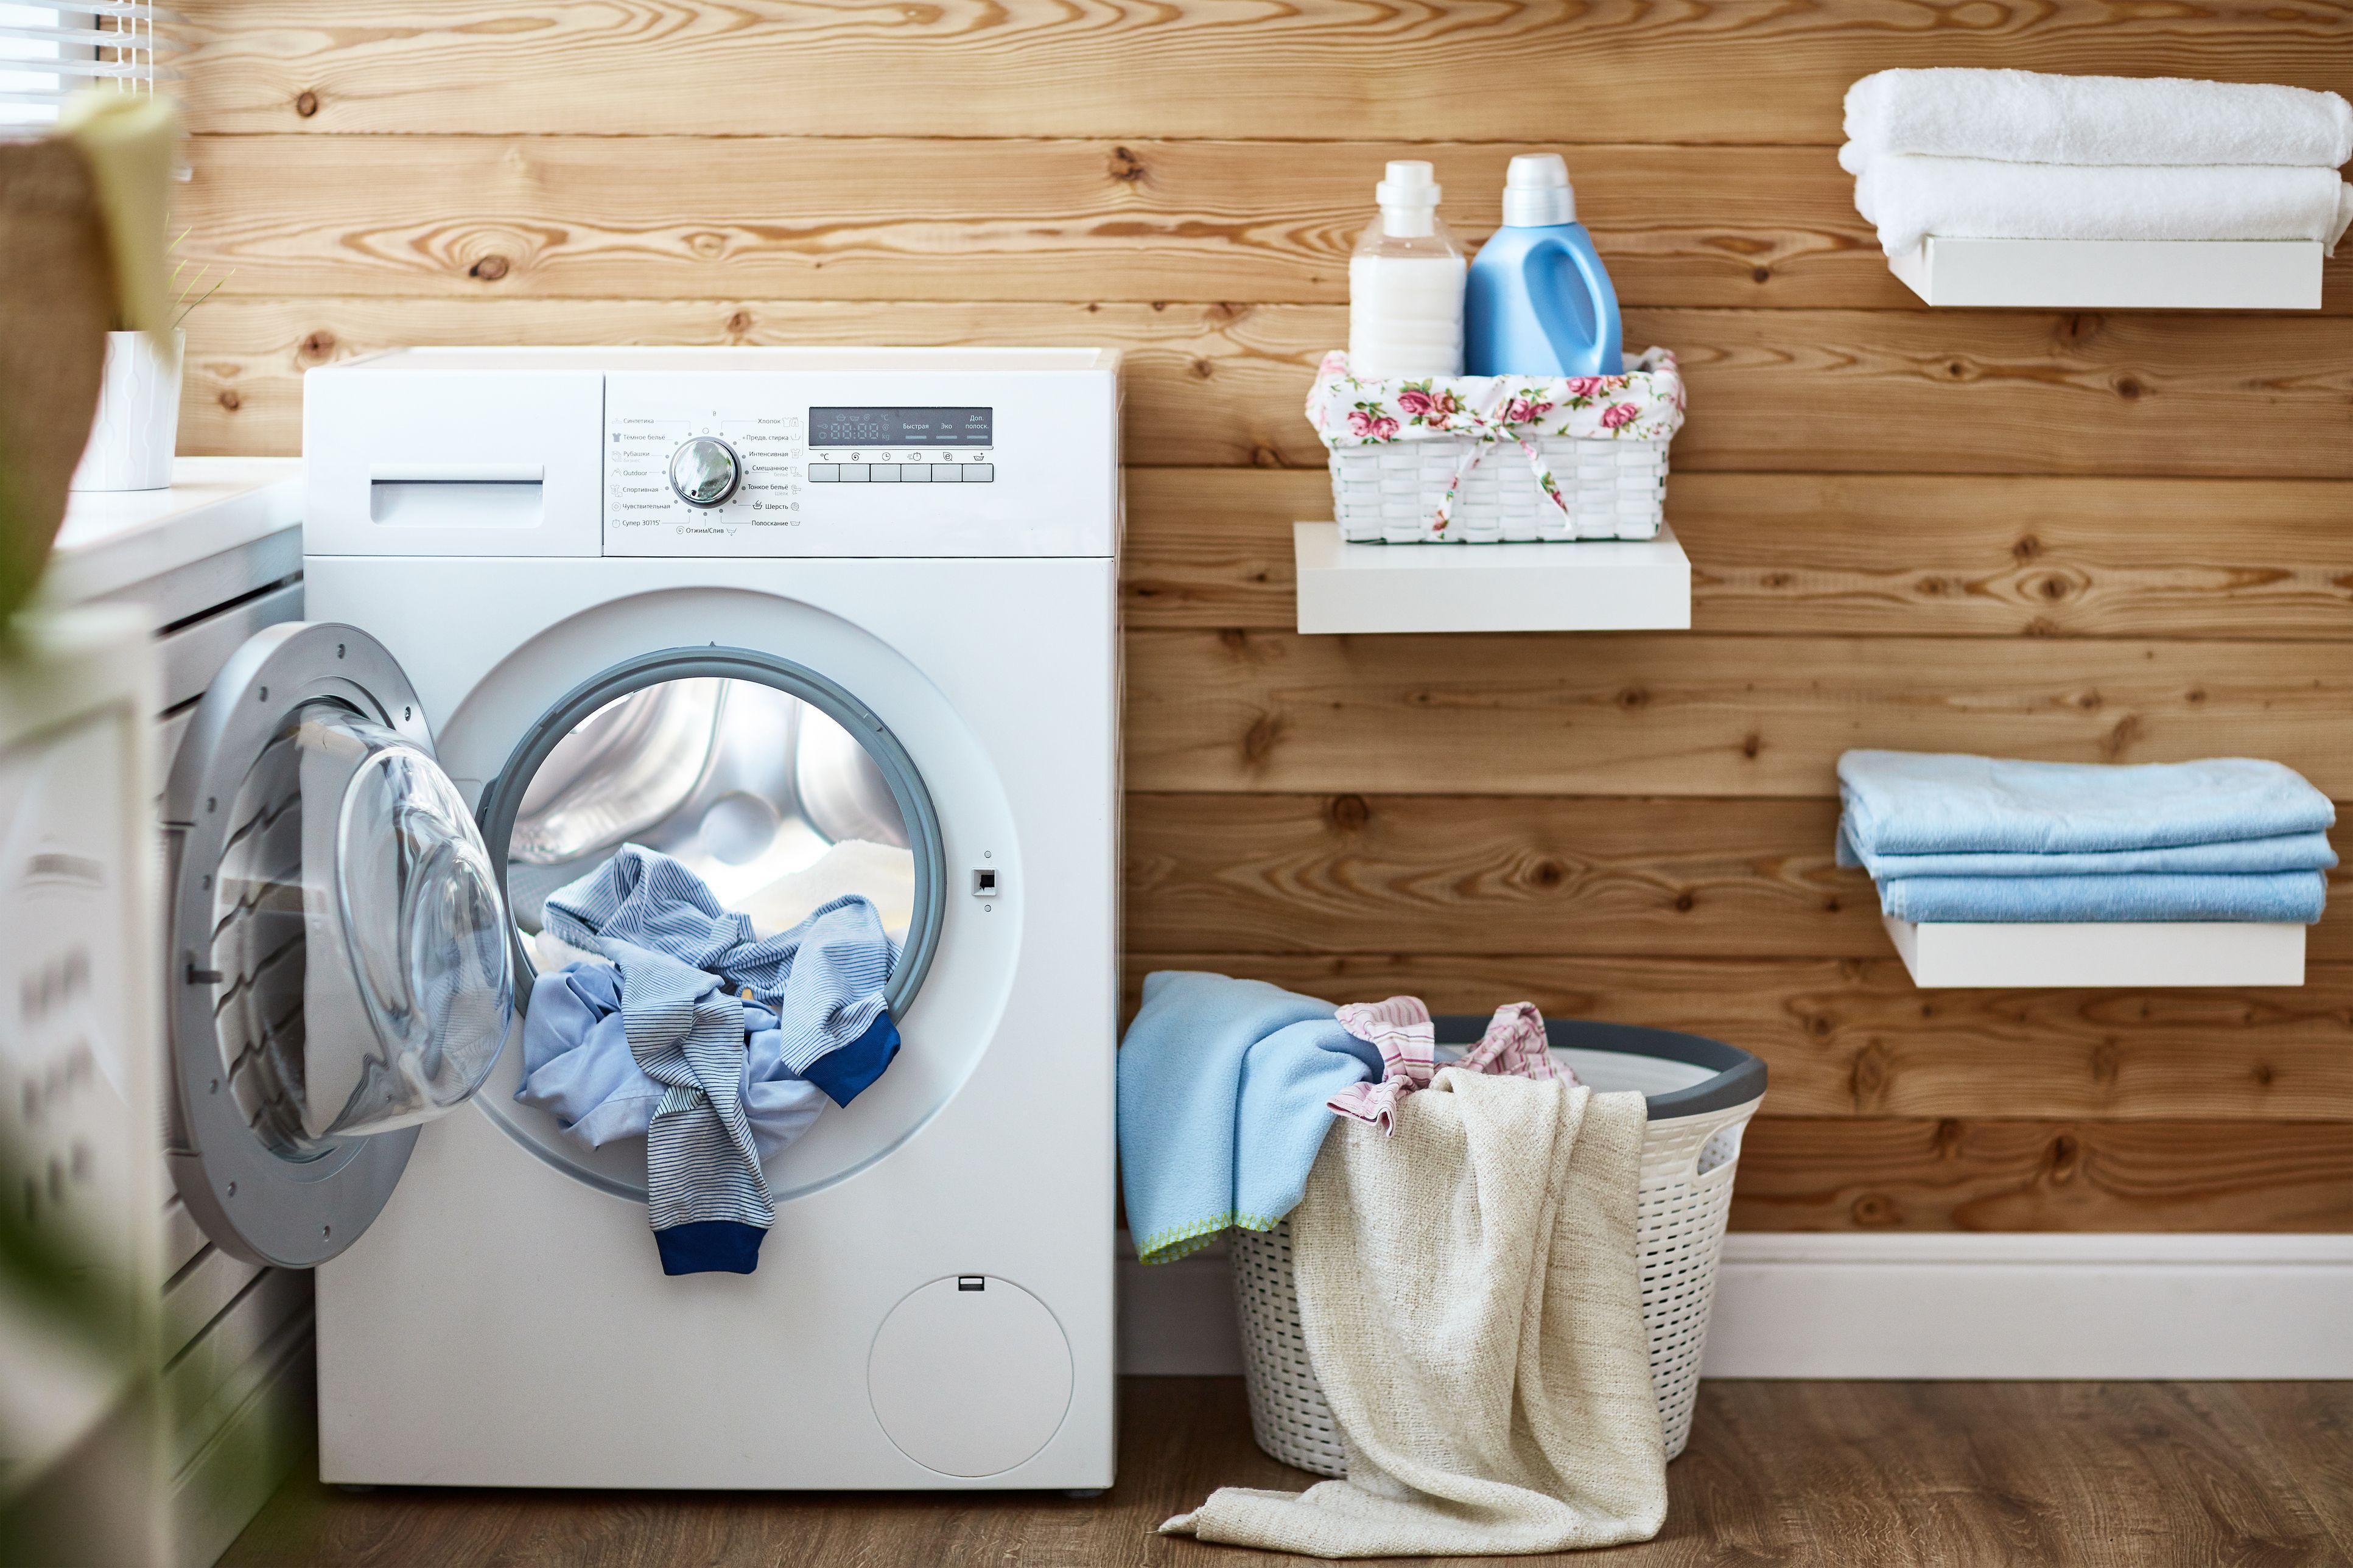 Interior de la lavandería real con lavadora en ventana en casa